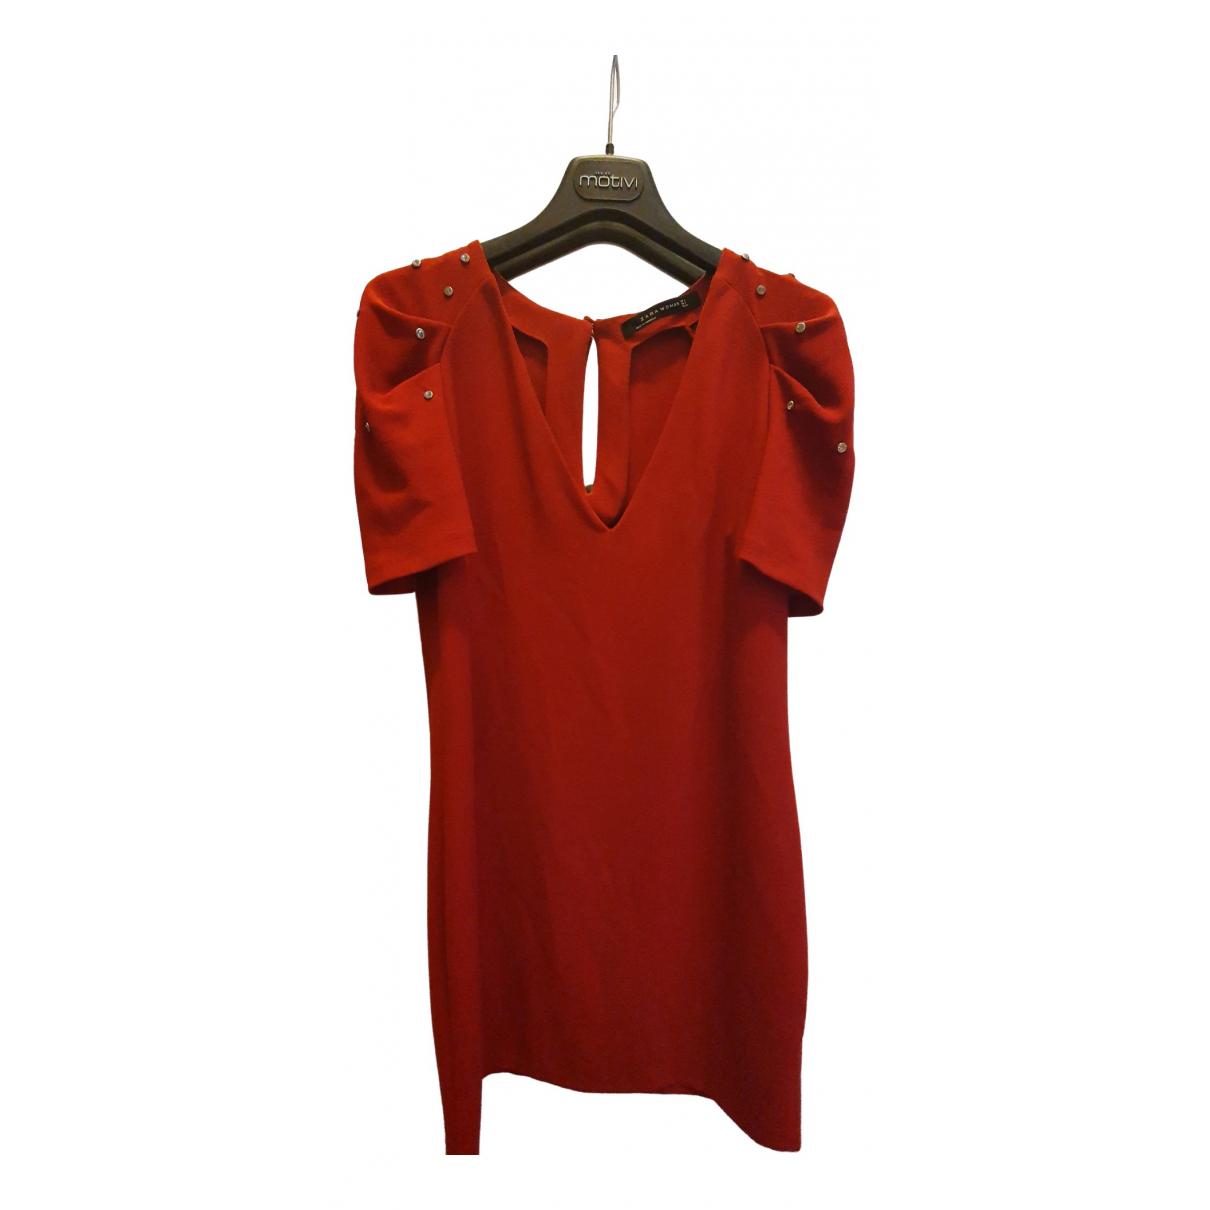 Zara \N Red dress for Women 42 IT